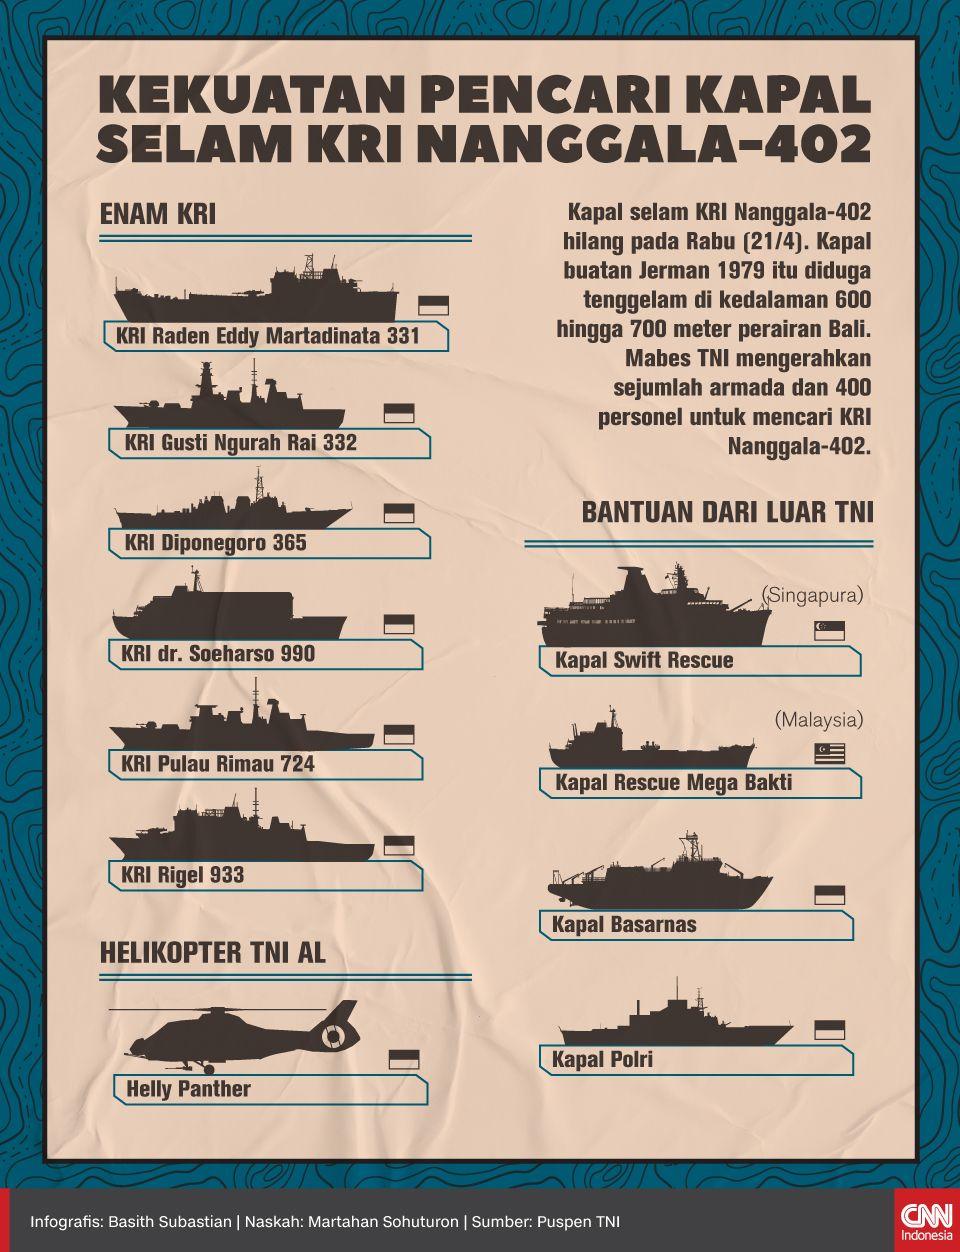 Infografis Kekuatan Pencari Kapal Selam KRI Nanggala-402